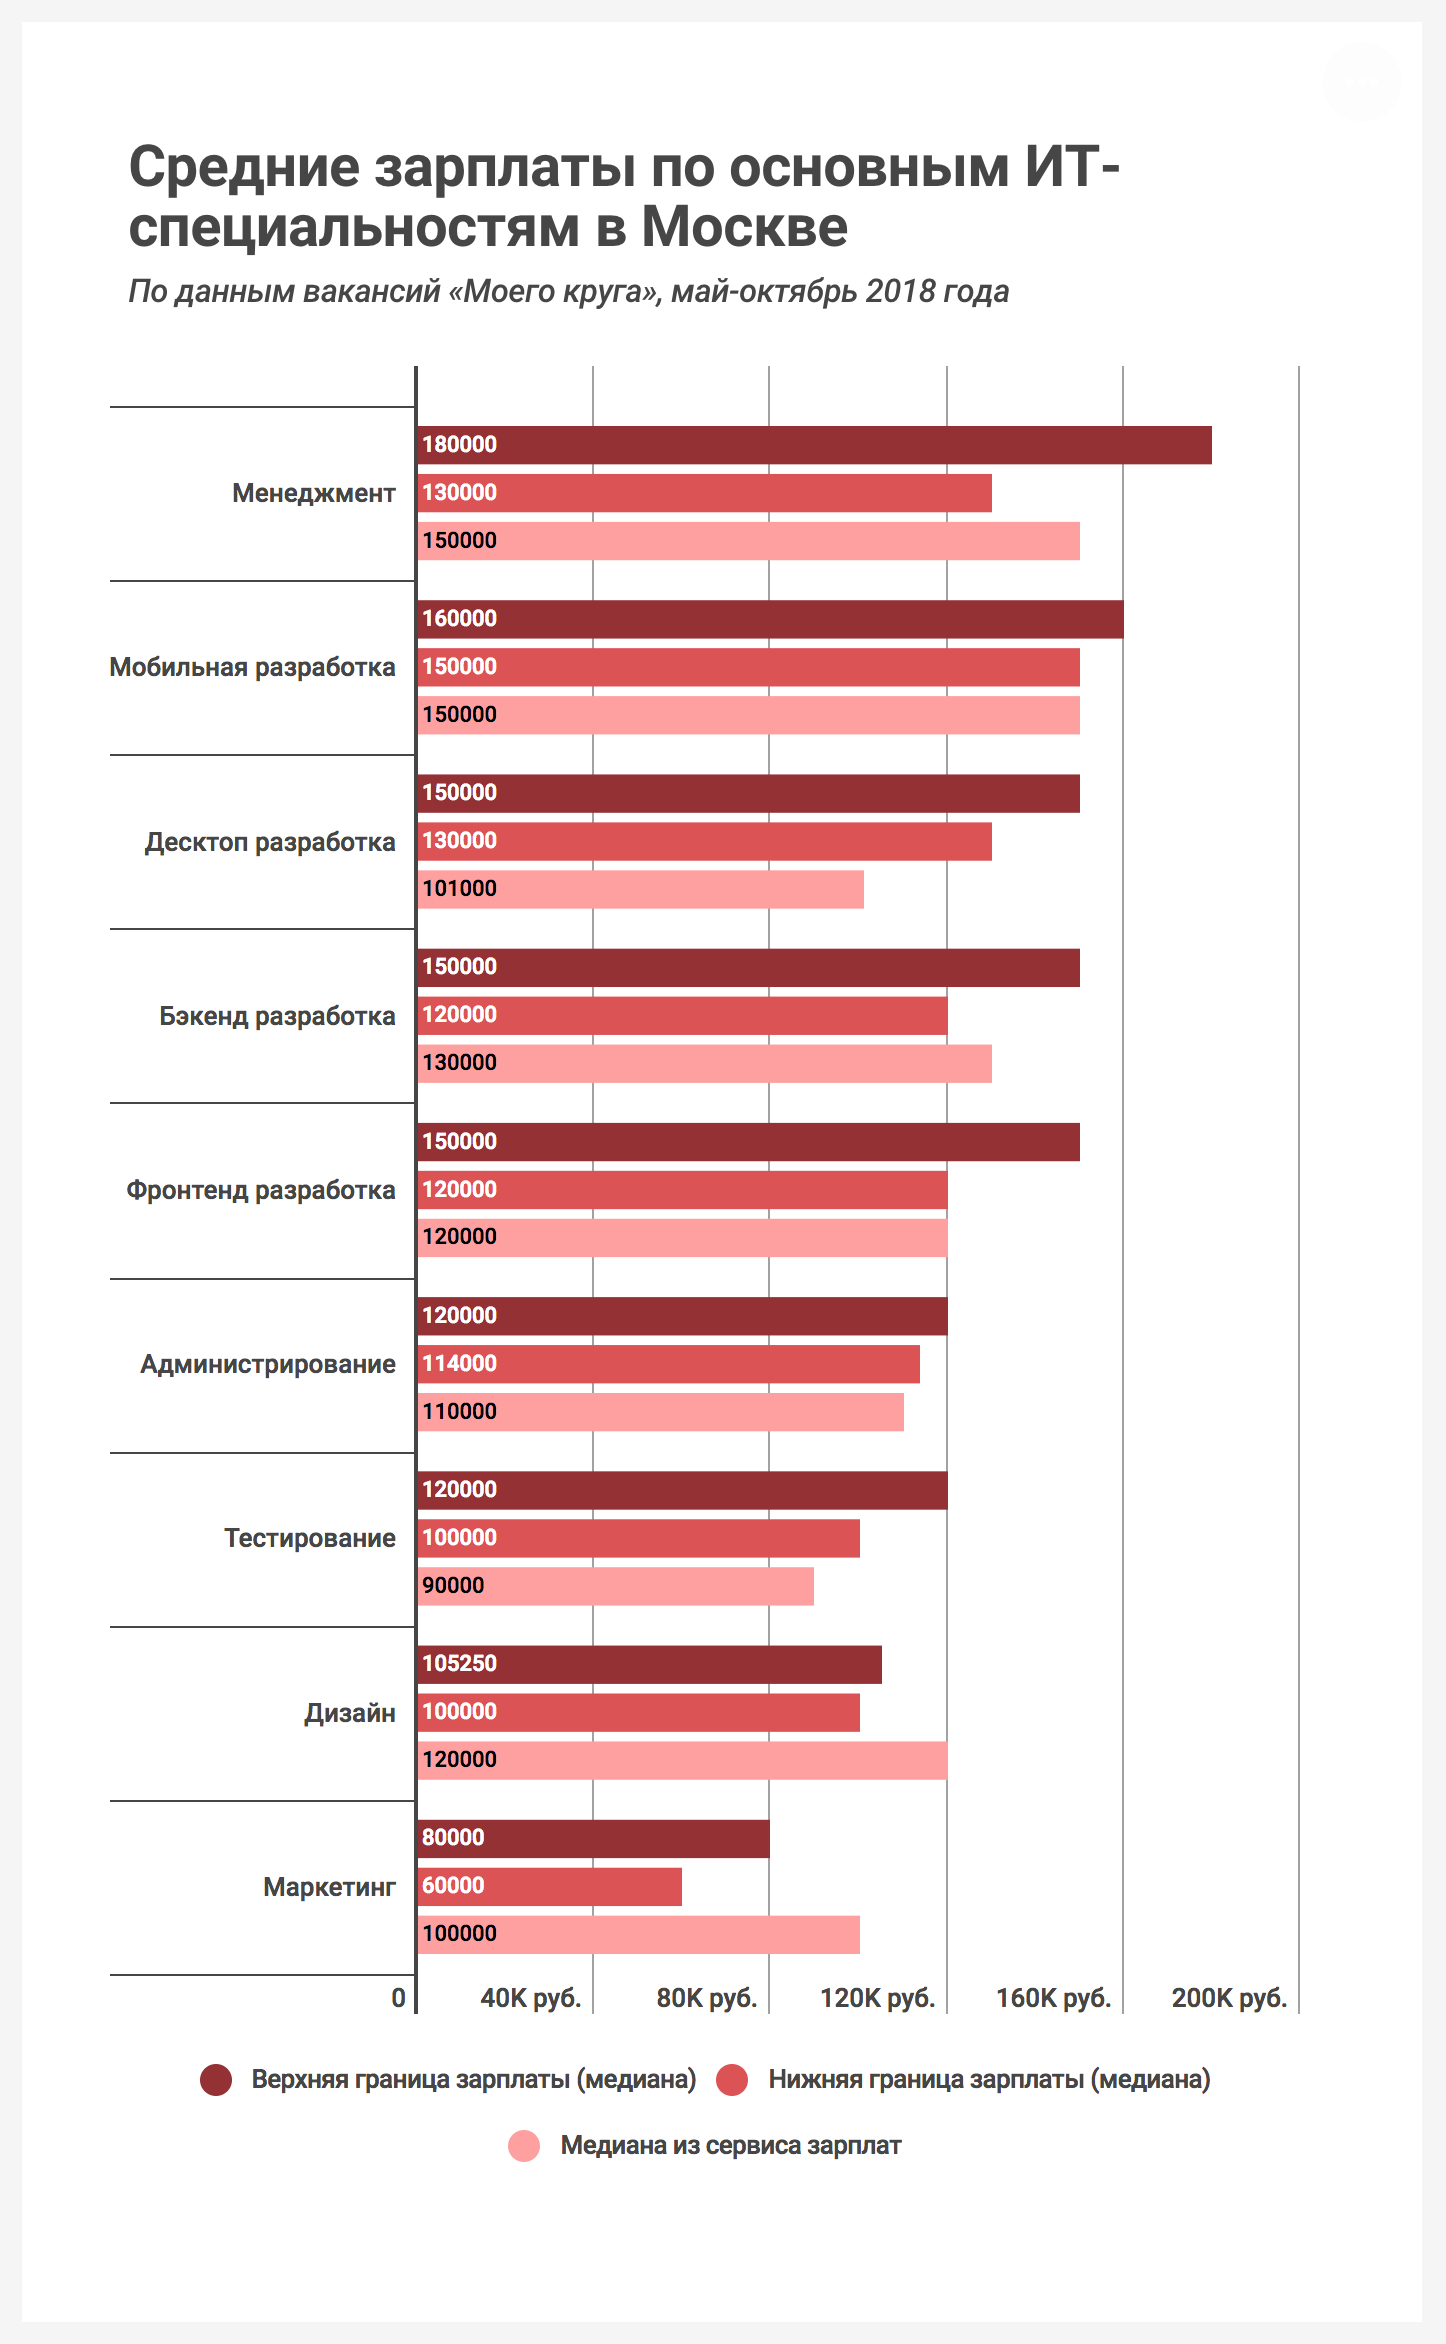 Зарплаты ИТ-вакансий Москвы, 2018